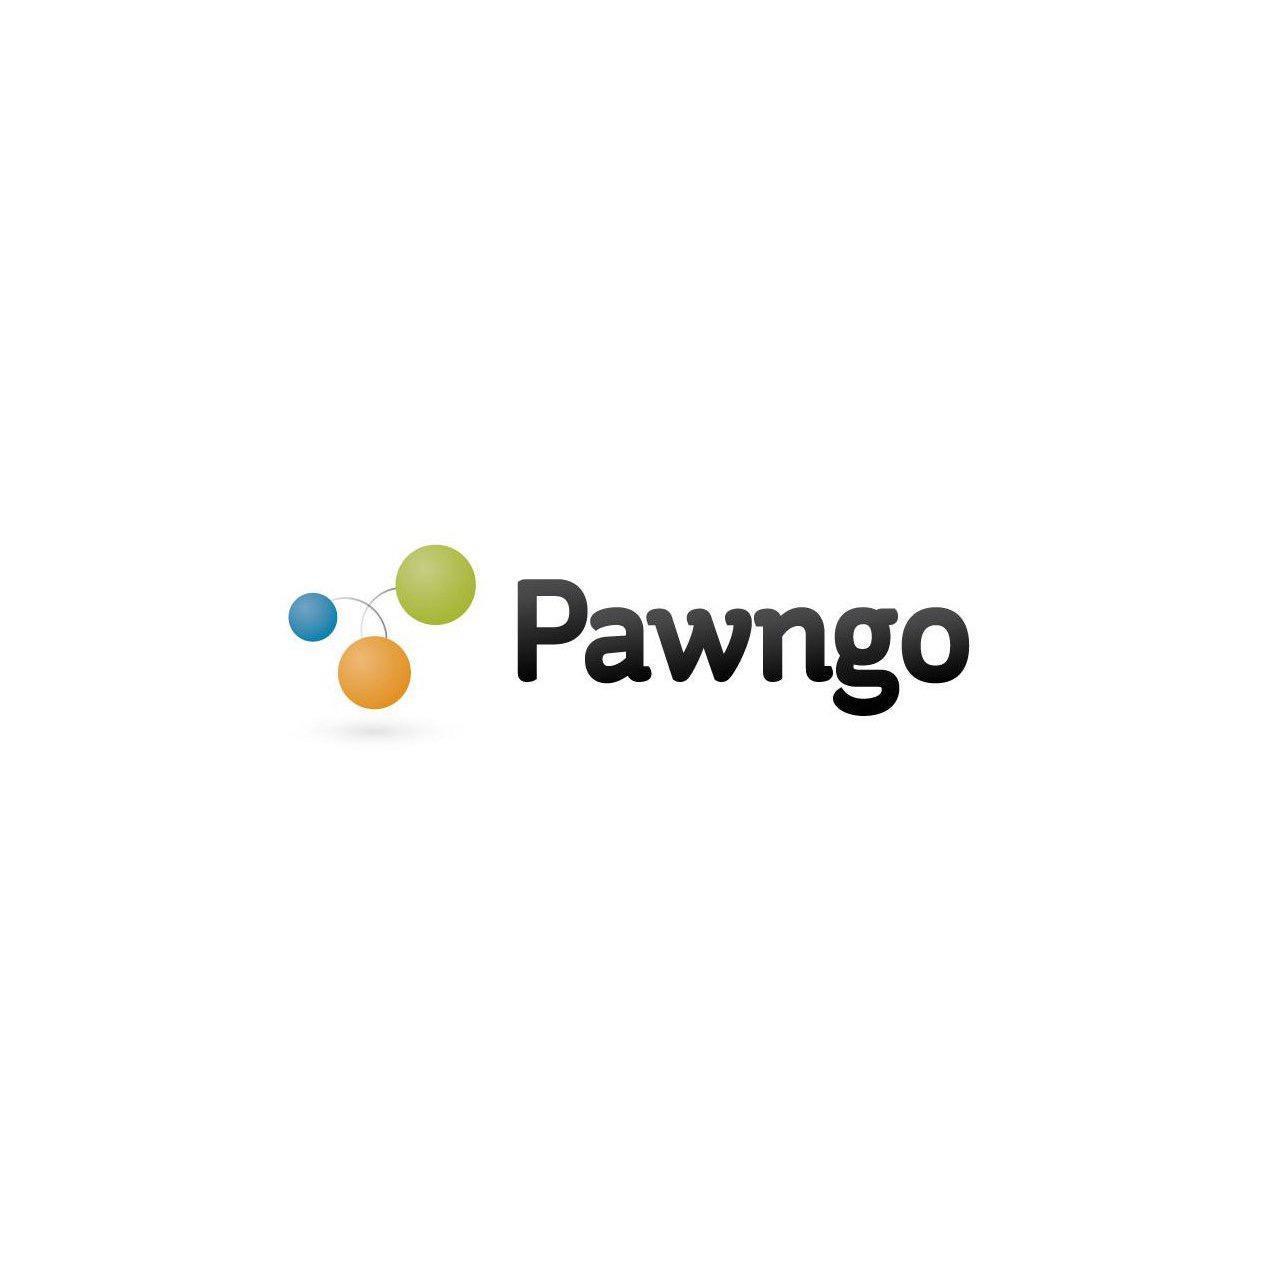 Pawngo